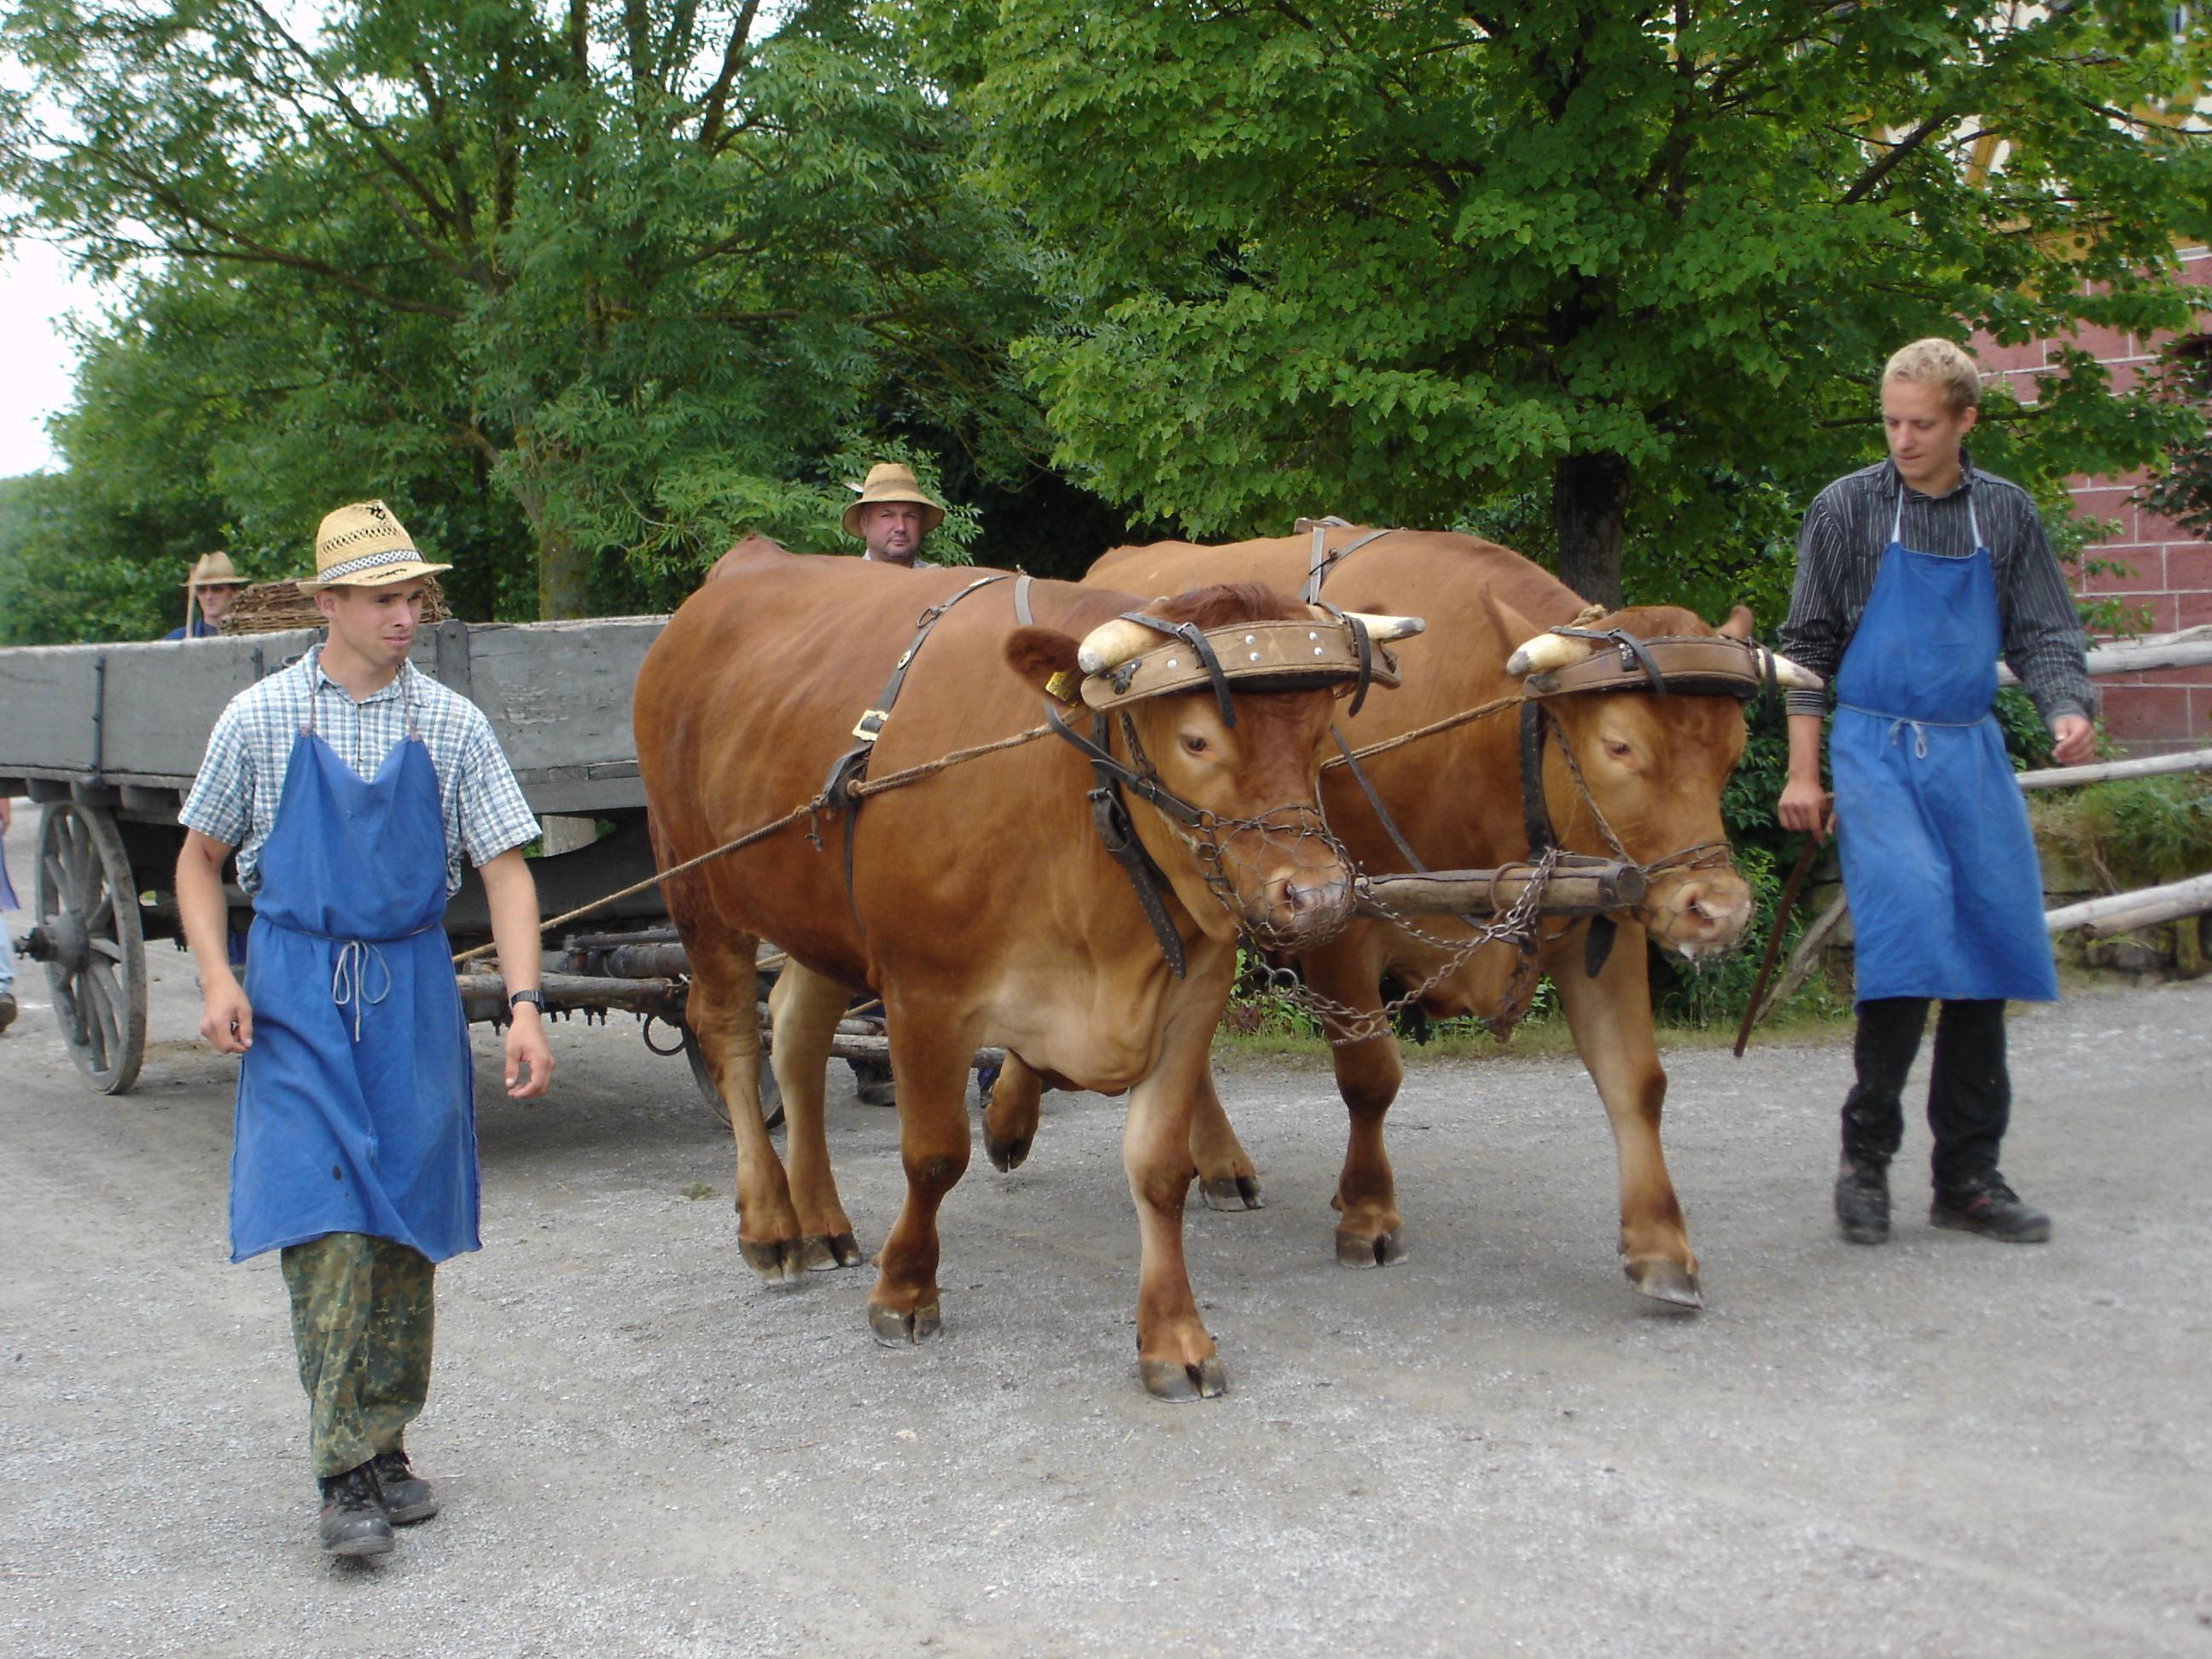 Kühe eingespannt im Freilandmuseum Bad 'Windsheim